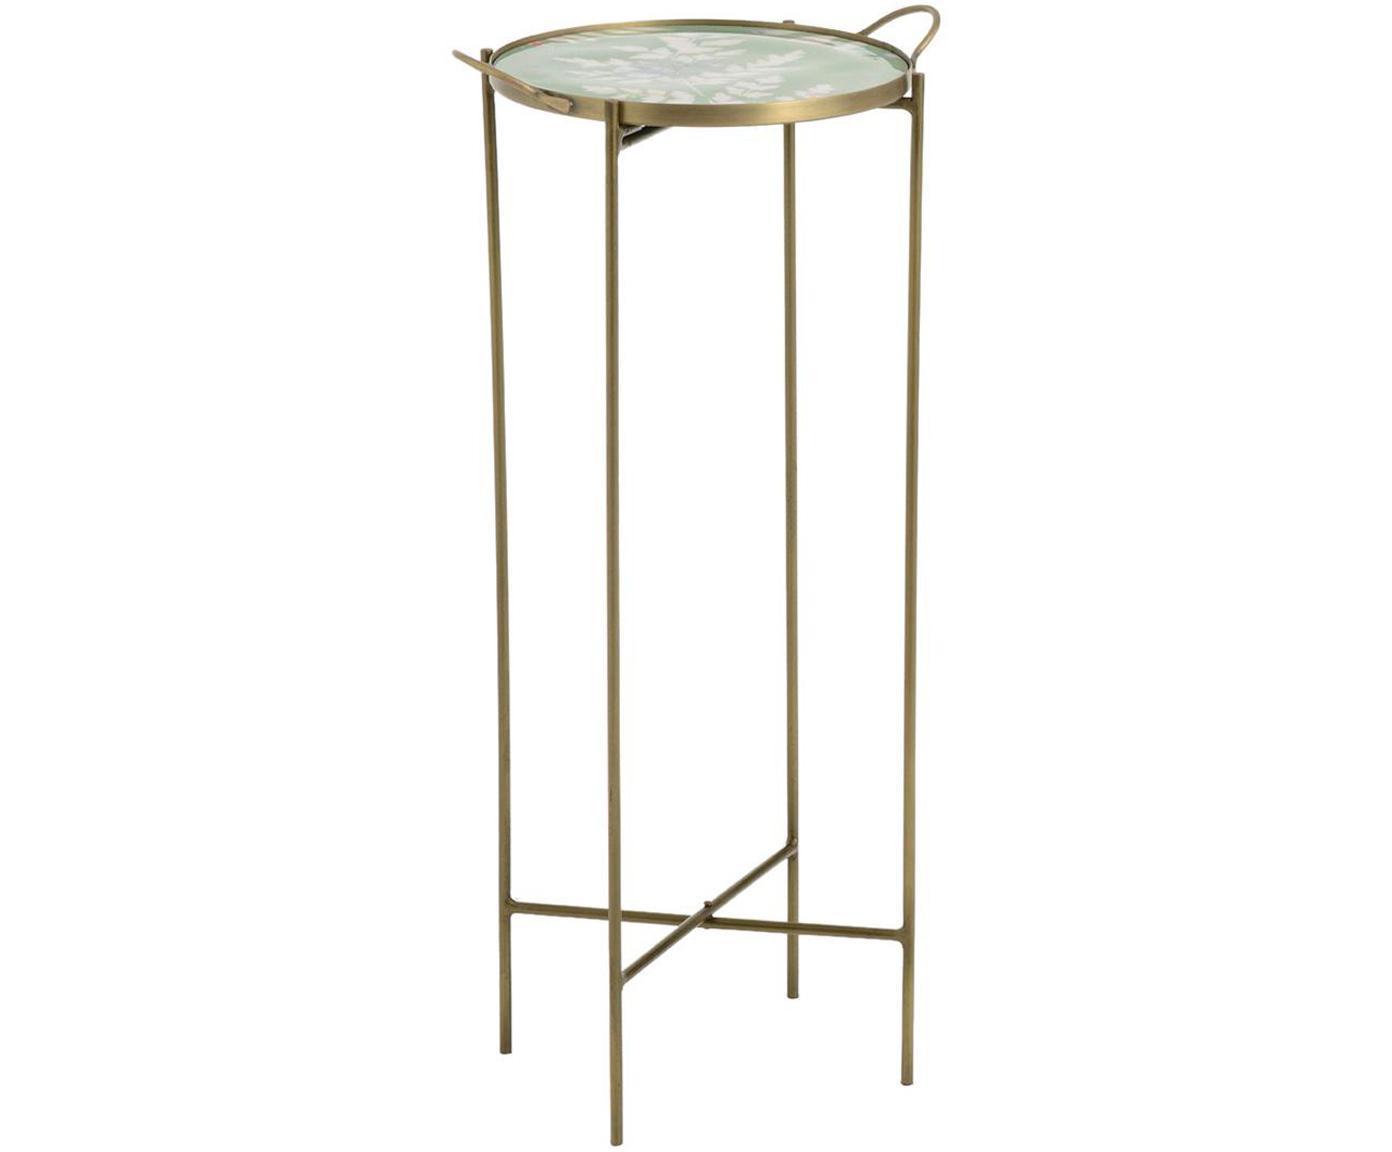 Mesa auxiliar Flor, Tablero: fibras de densidad media , Dorado, Ø 39 x Al 80 cm